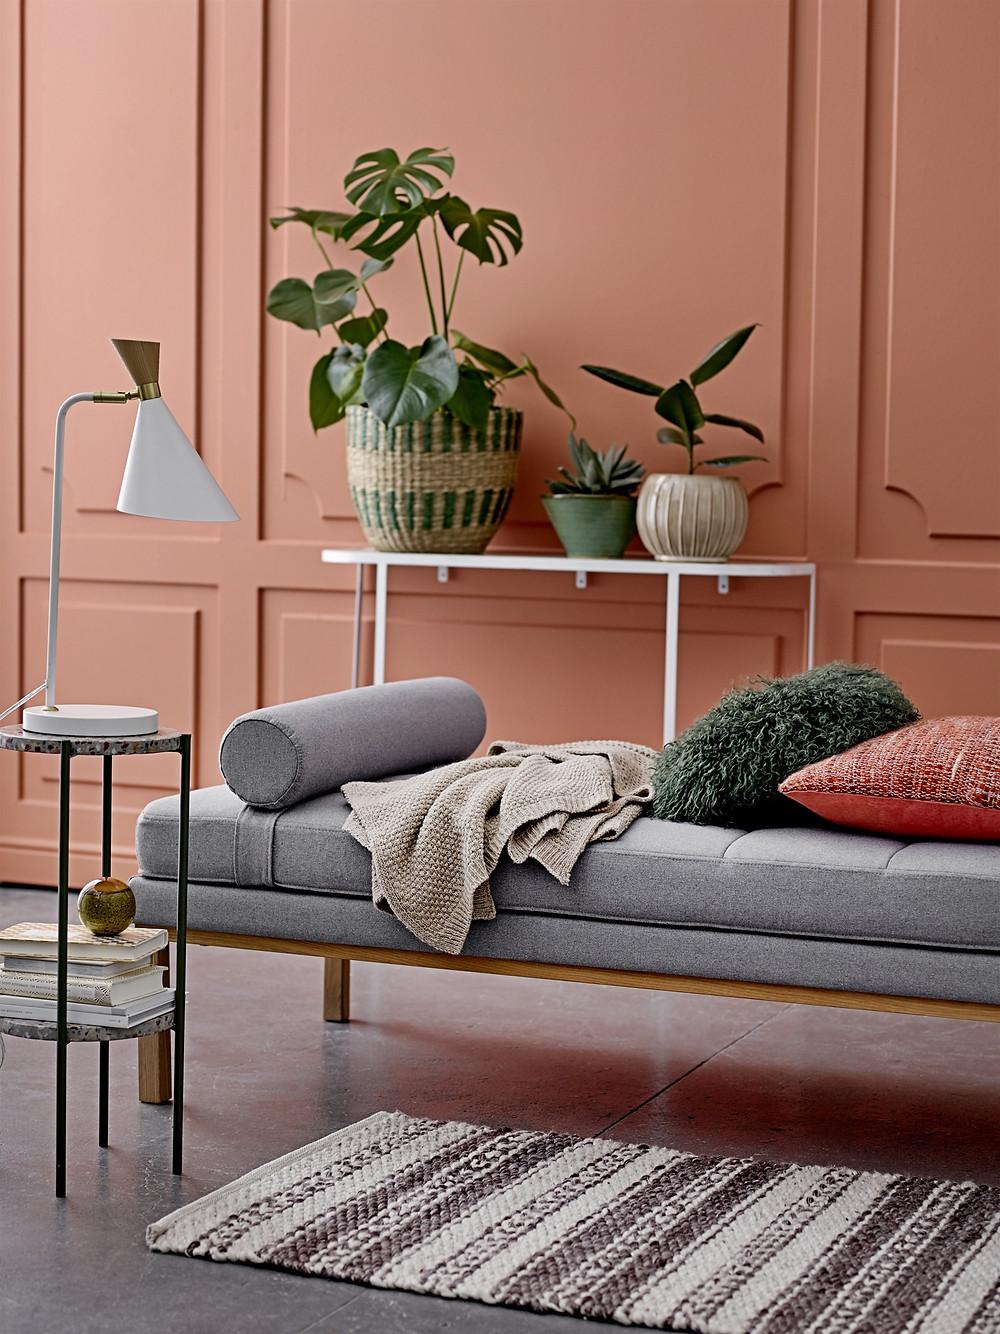 intérieur classique avec moulures entièrement revisité dans un style de couleurs pastel corail avec accessoires minimalistes